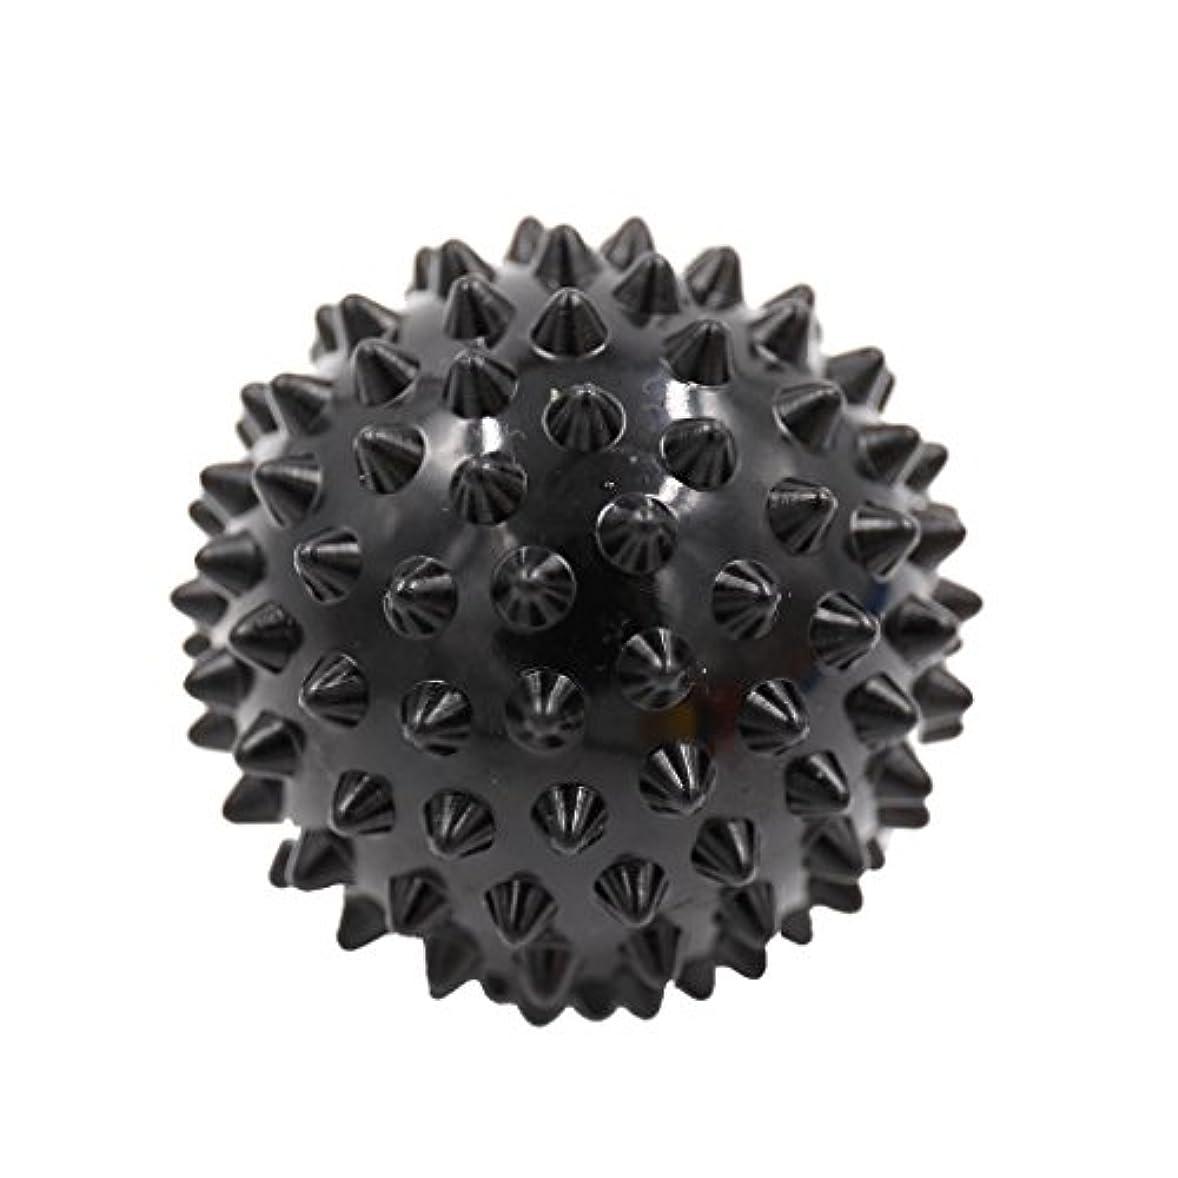 靄好意的登録するSONONIA マッサージボール マッサージ器 マッサージャー リラックス スパイク マッサージボール 高品質 3色選べ - ブラック